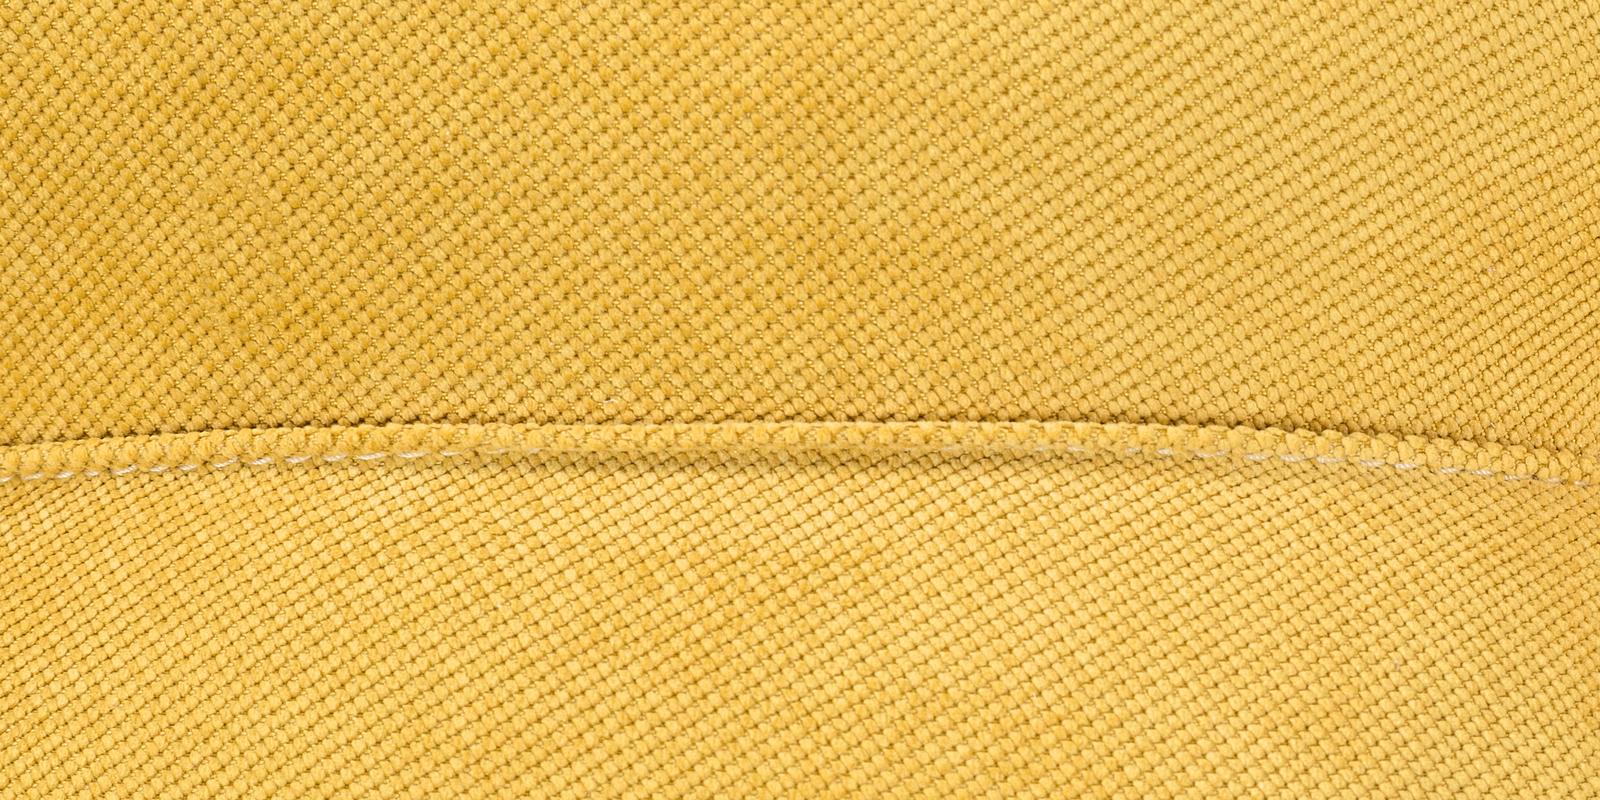 Кресло тканевое Флэтфорд Marselle фисташковый/желтый (Микровелюр)